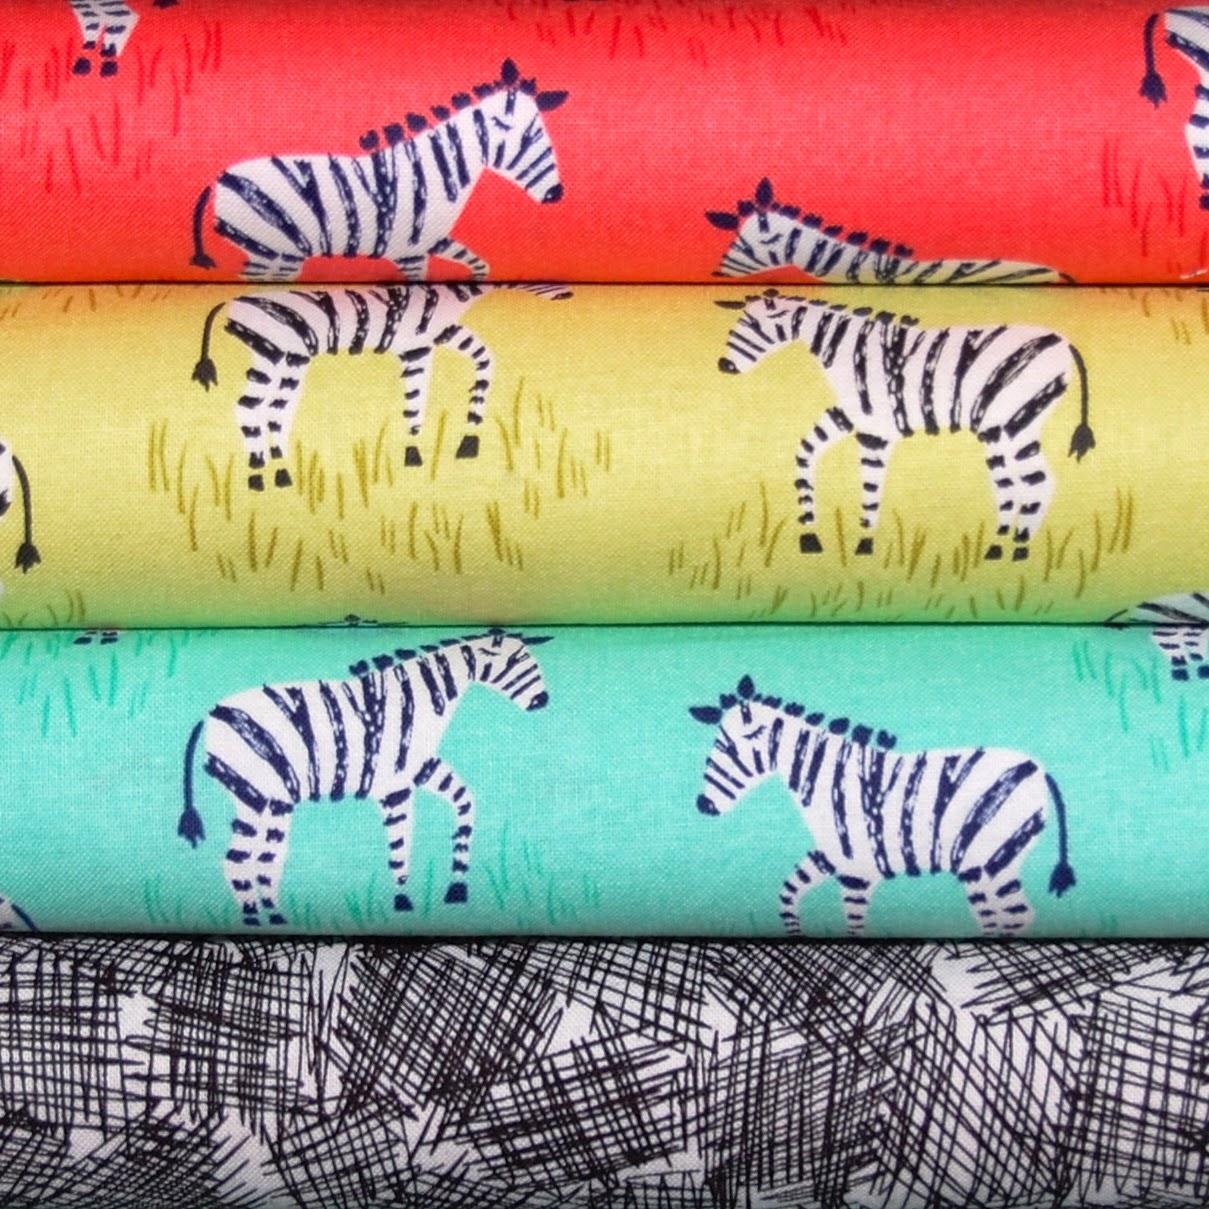 Mini Zebras